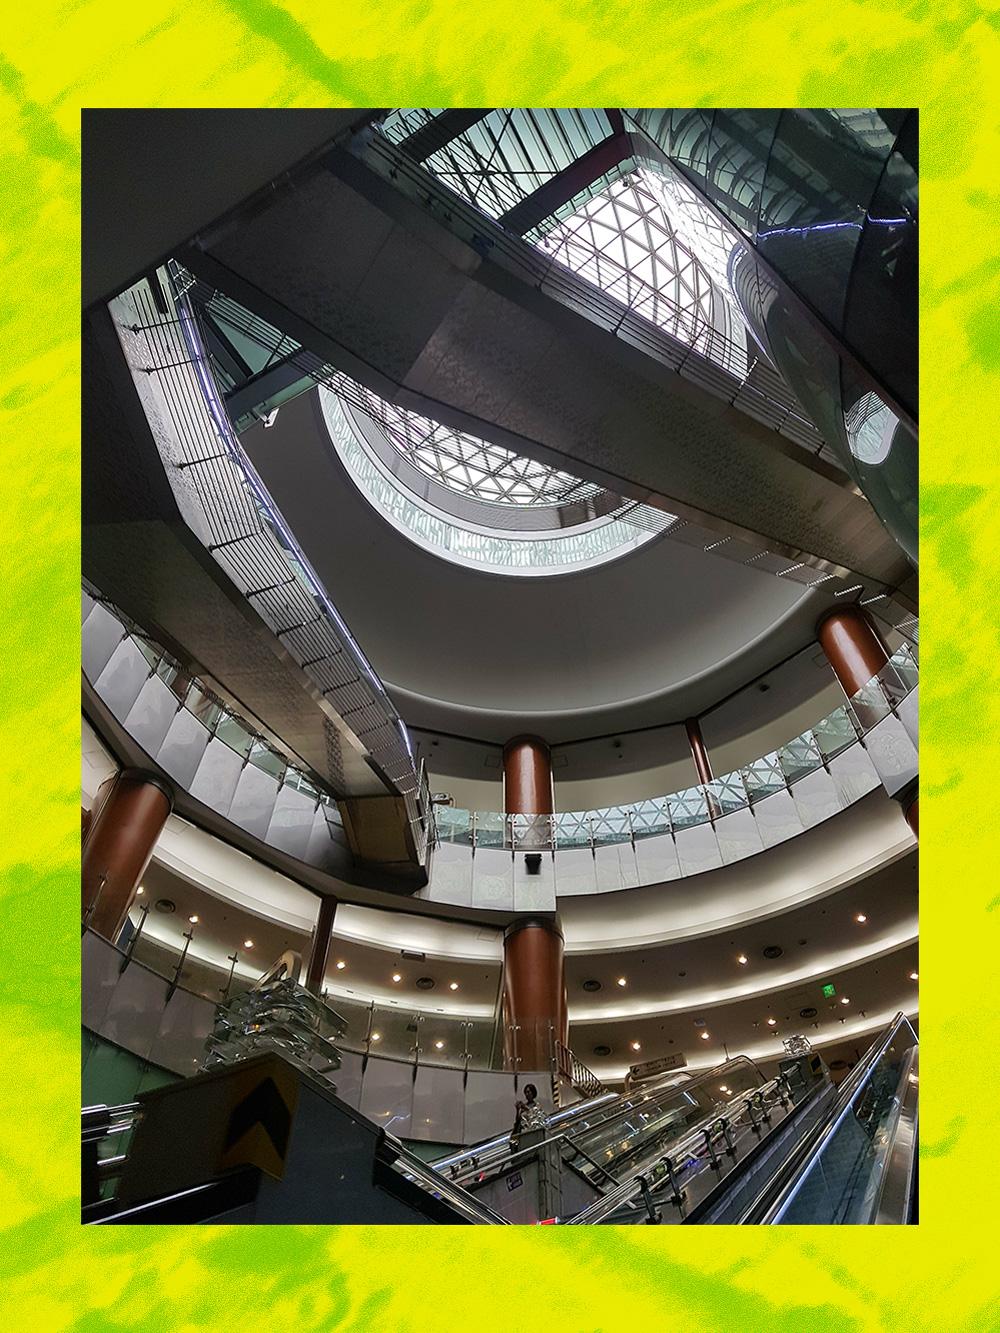 subway_art_noksapyeong.jpg